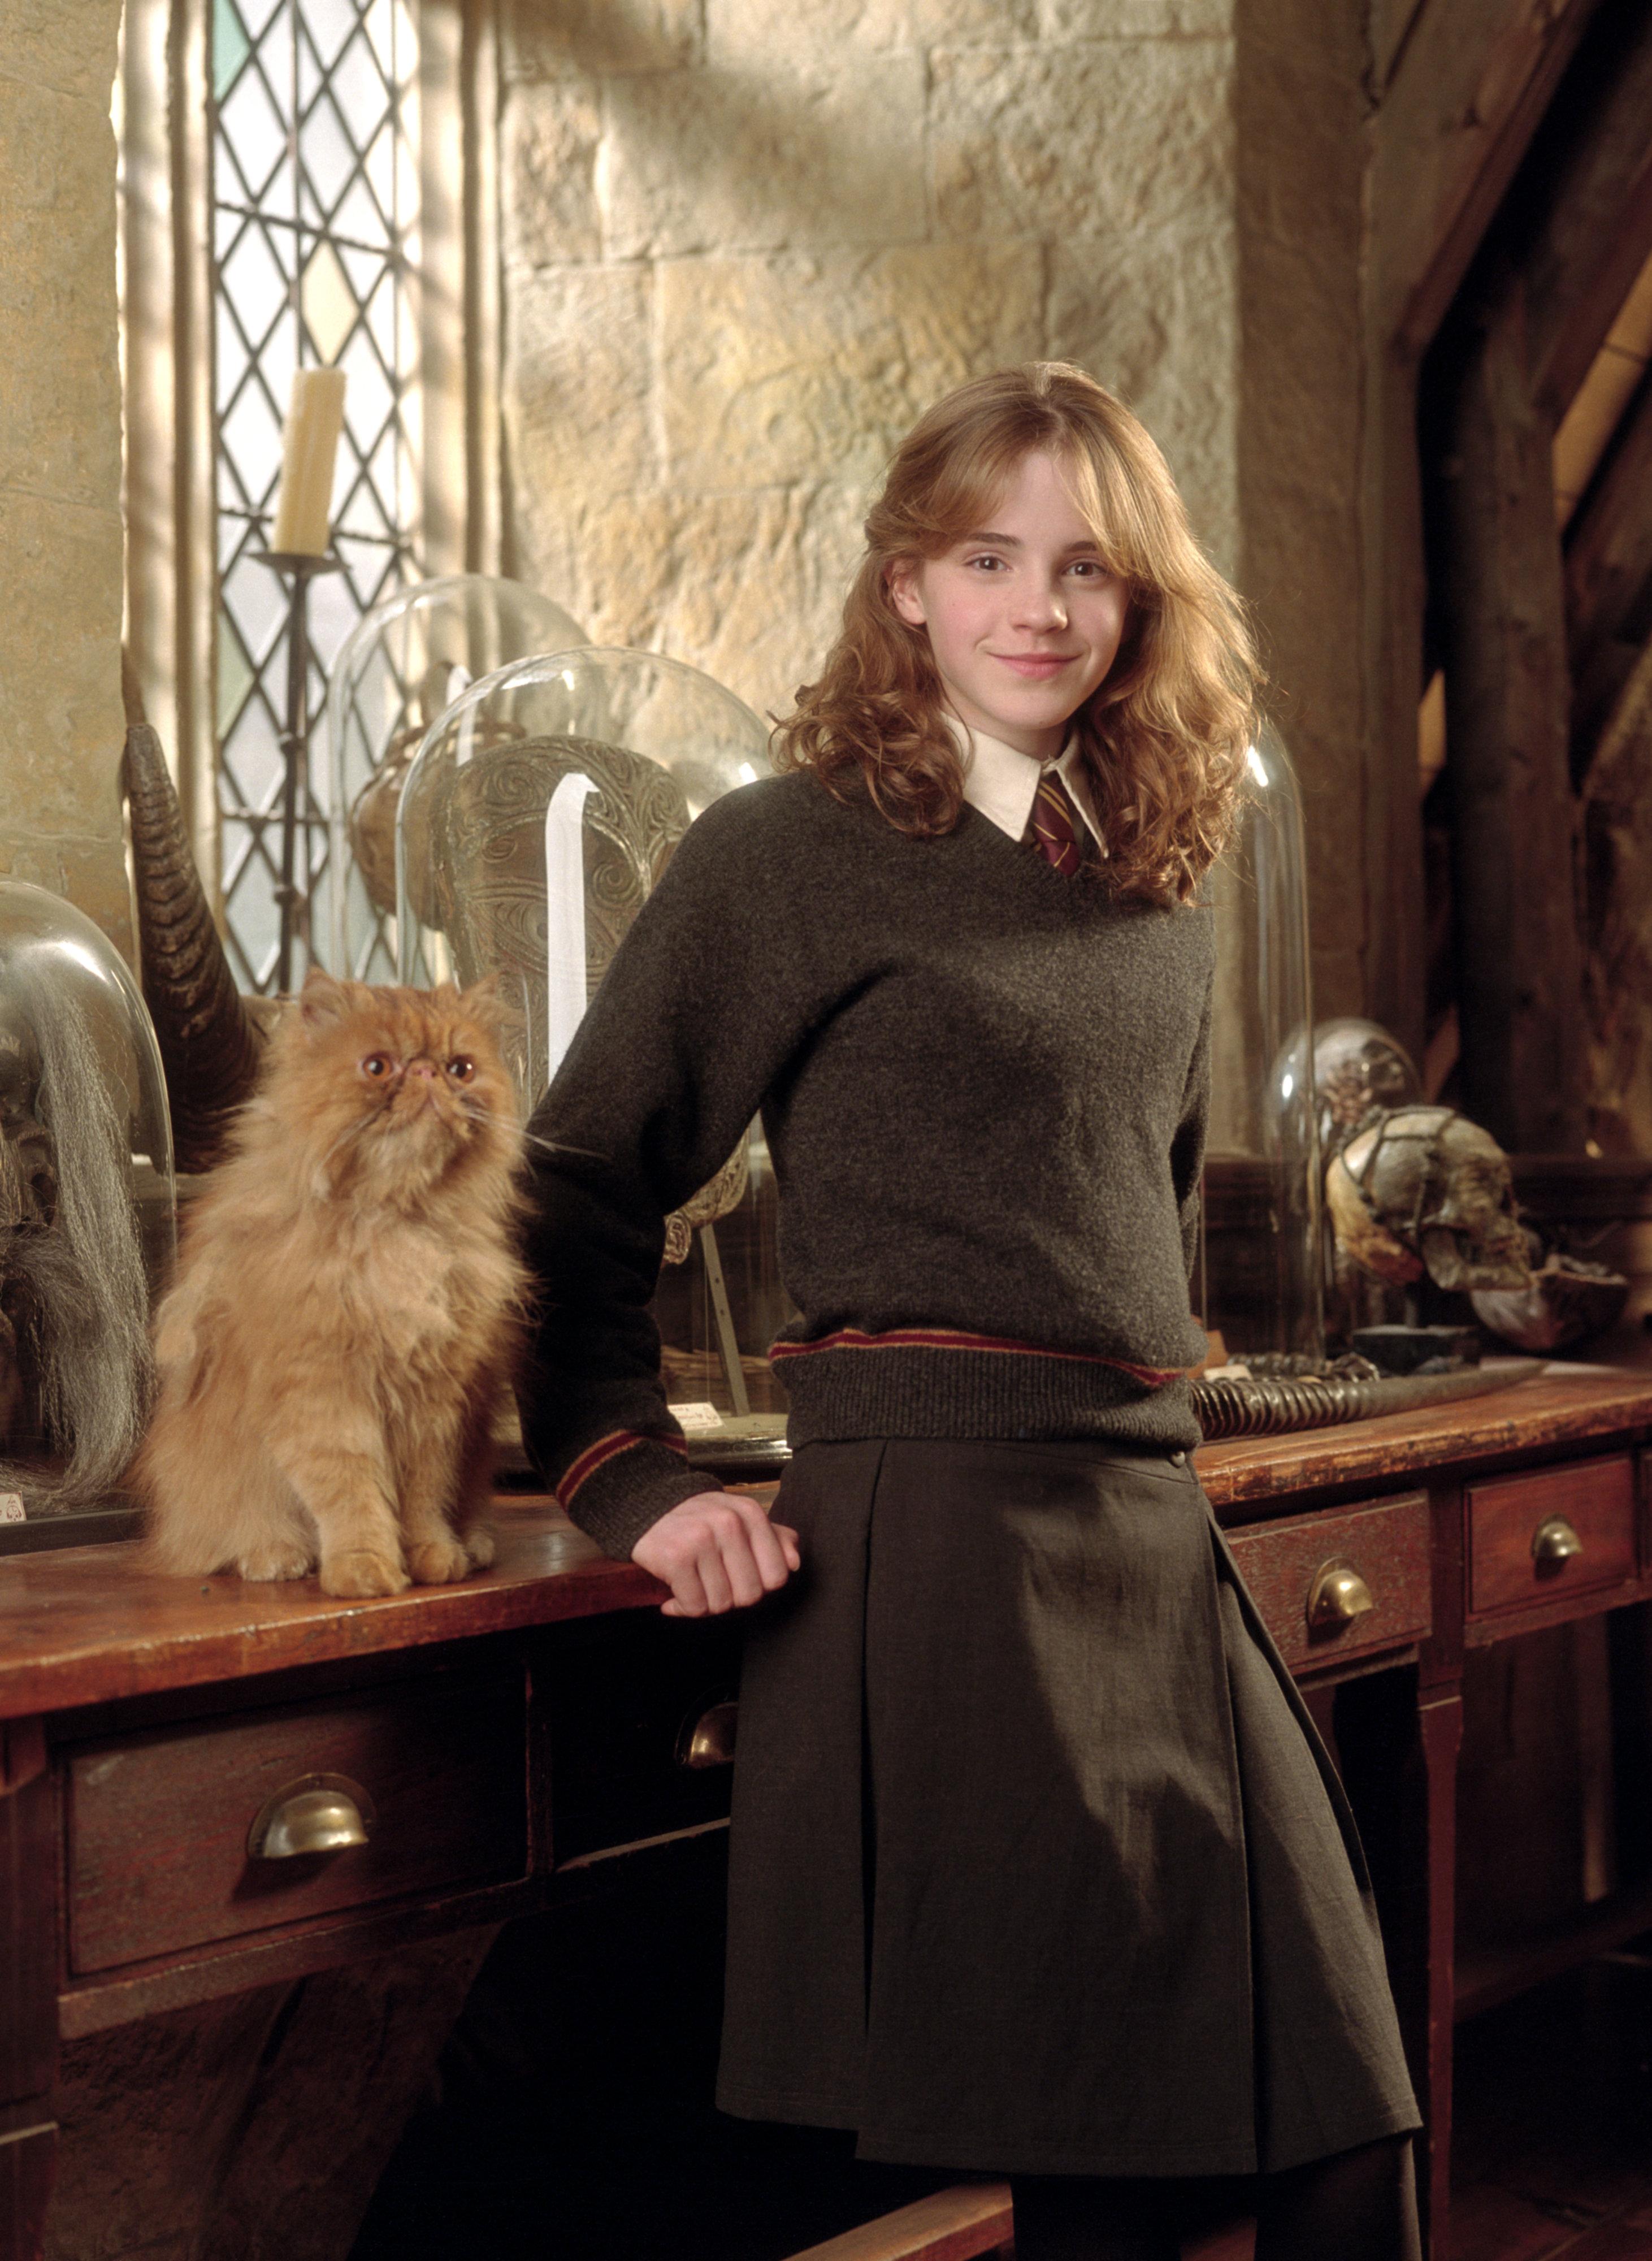 File:Hermione poa.jpg